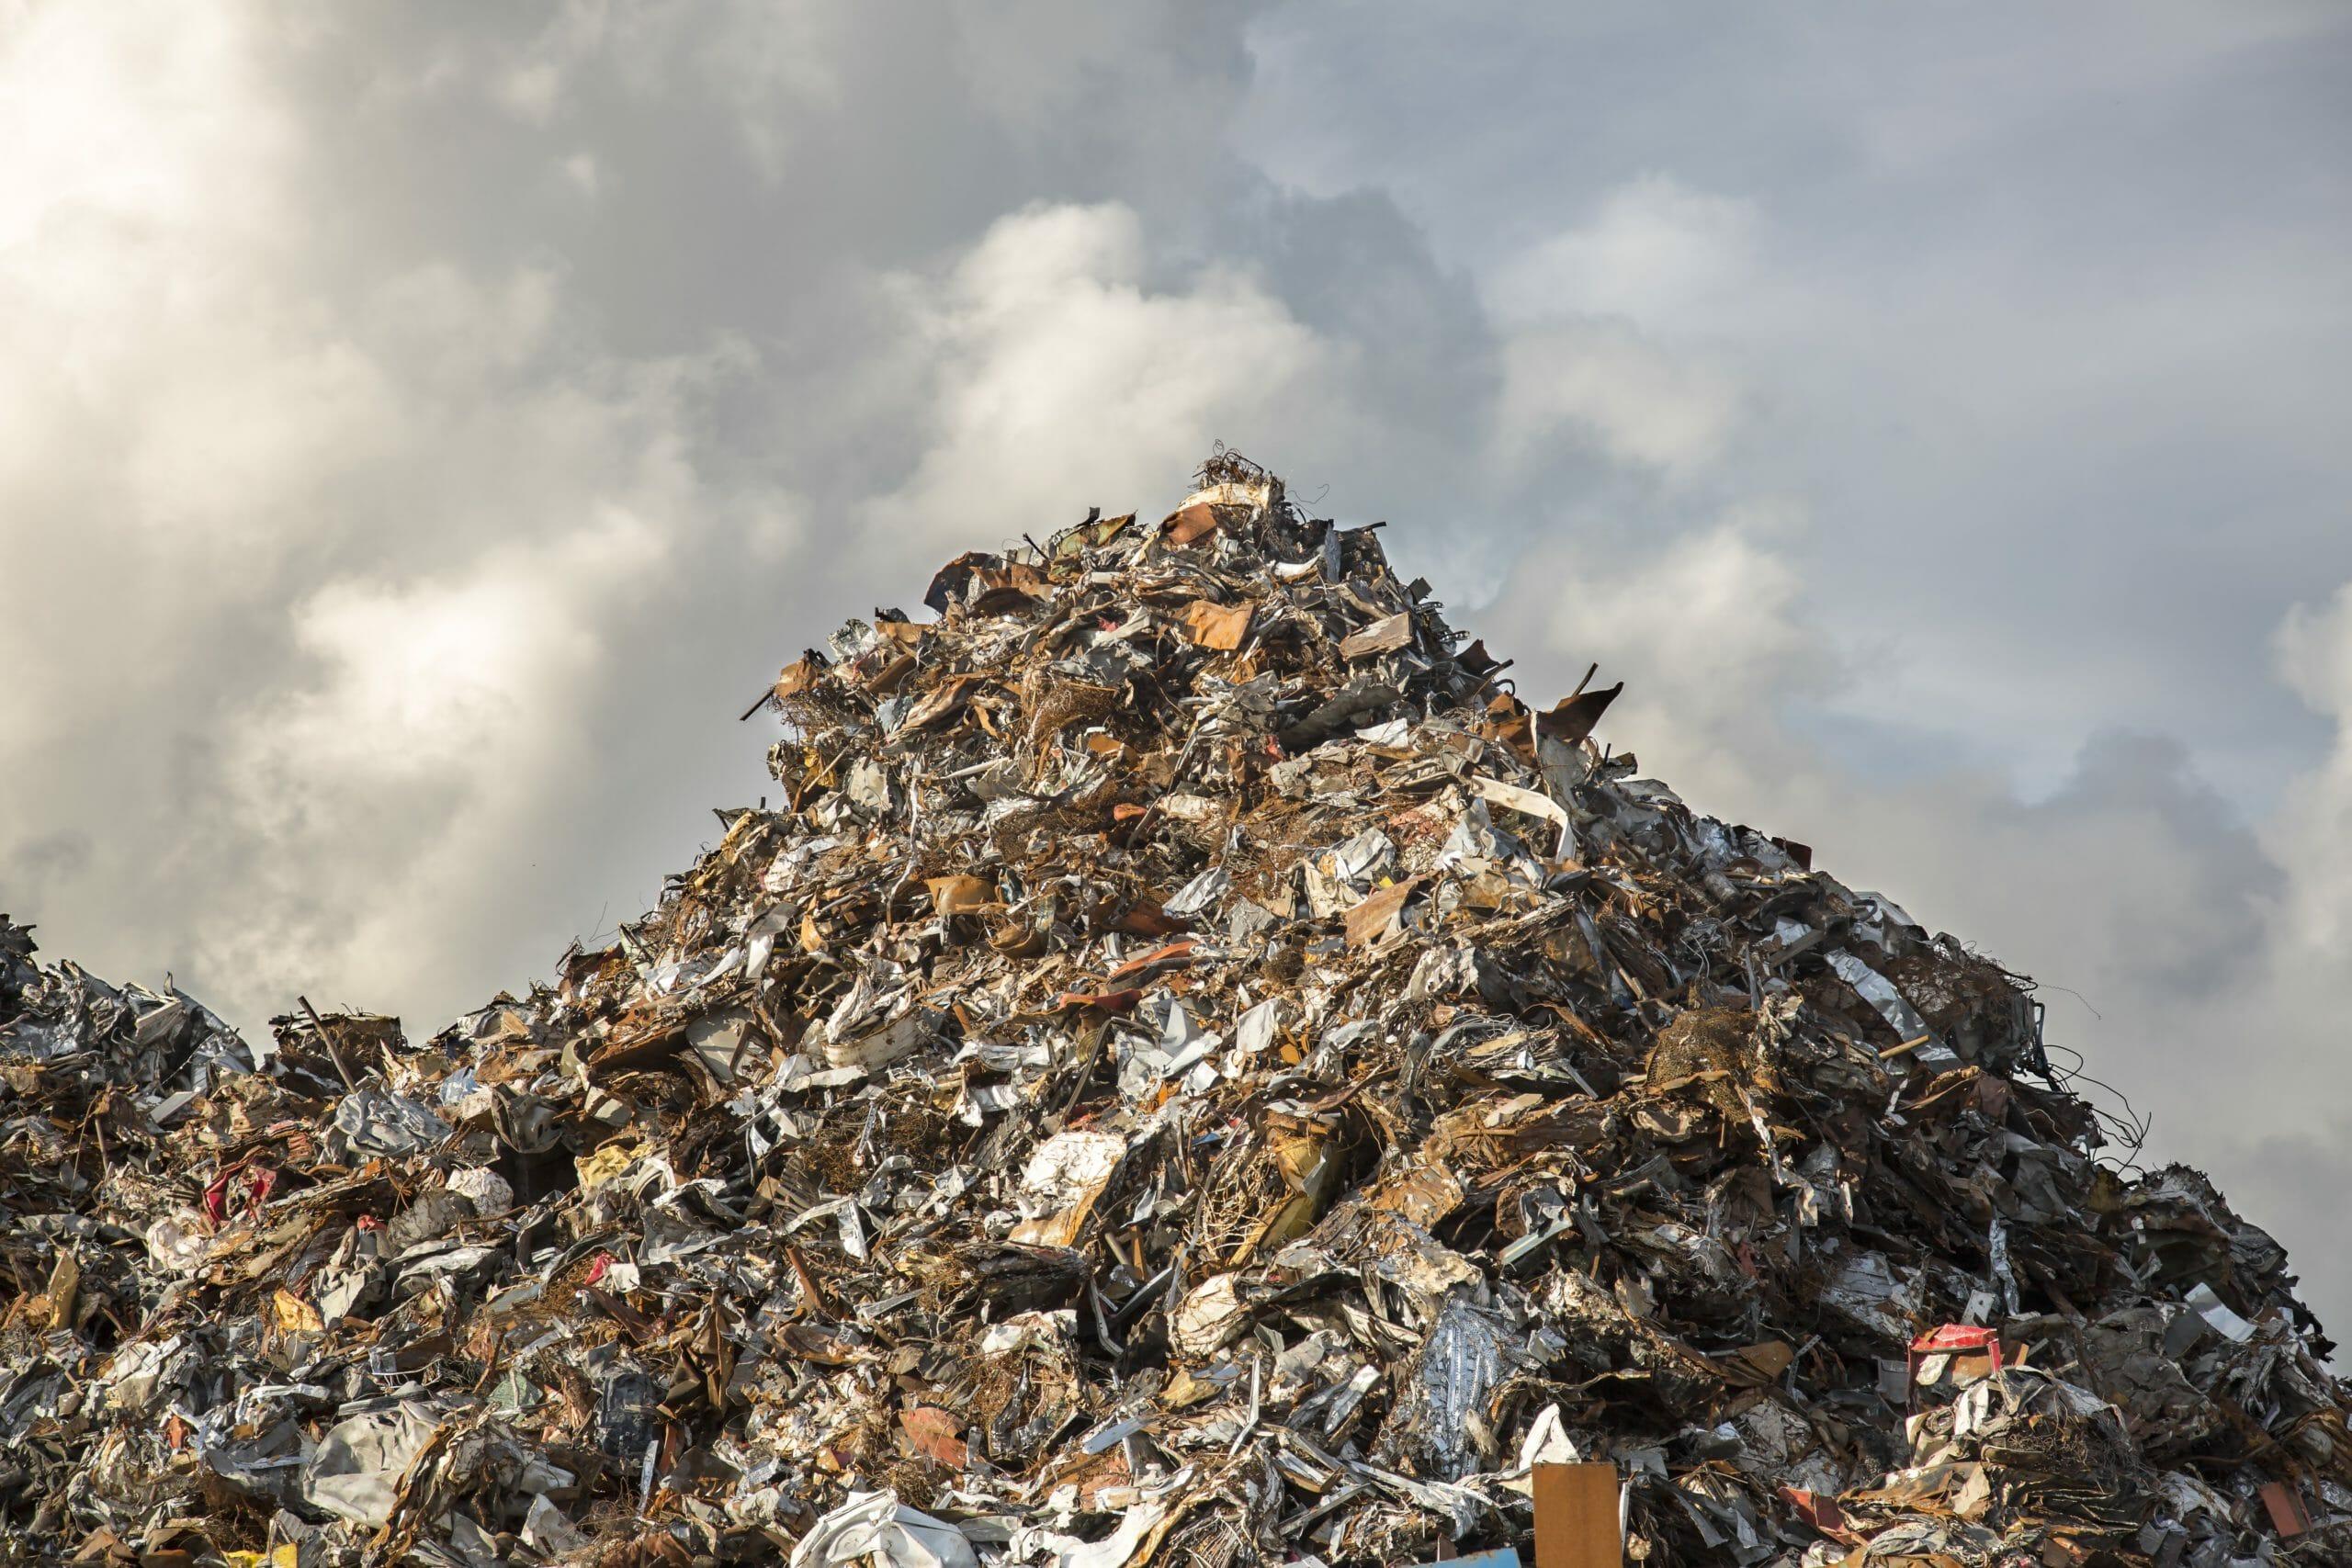 Danmark er kedelig europamester i affald. Nu skal det stoppe